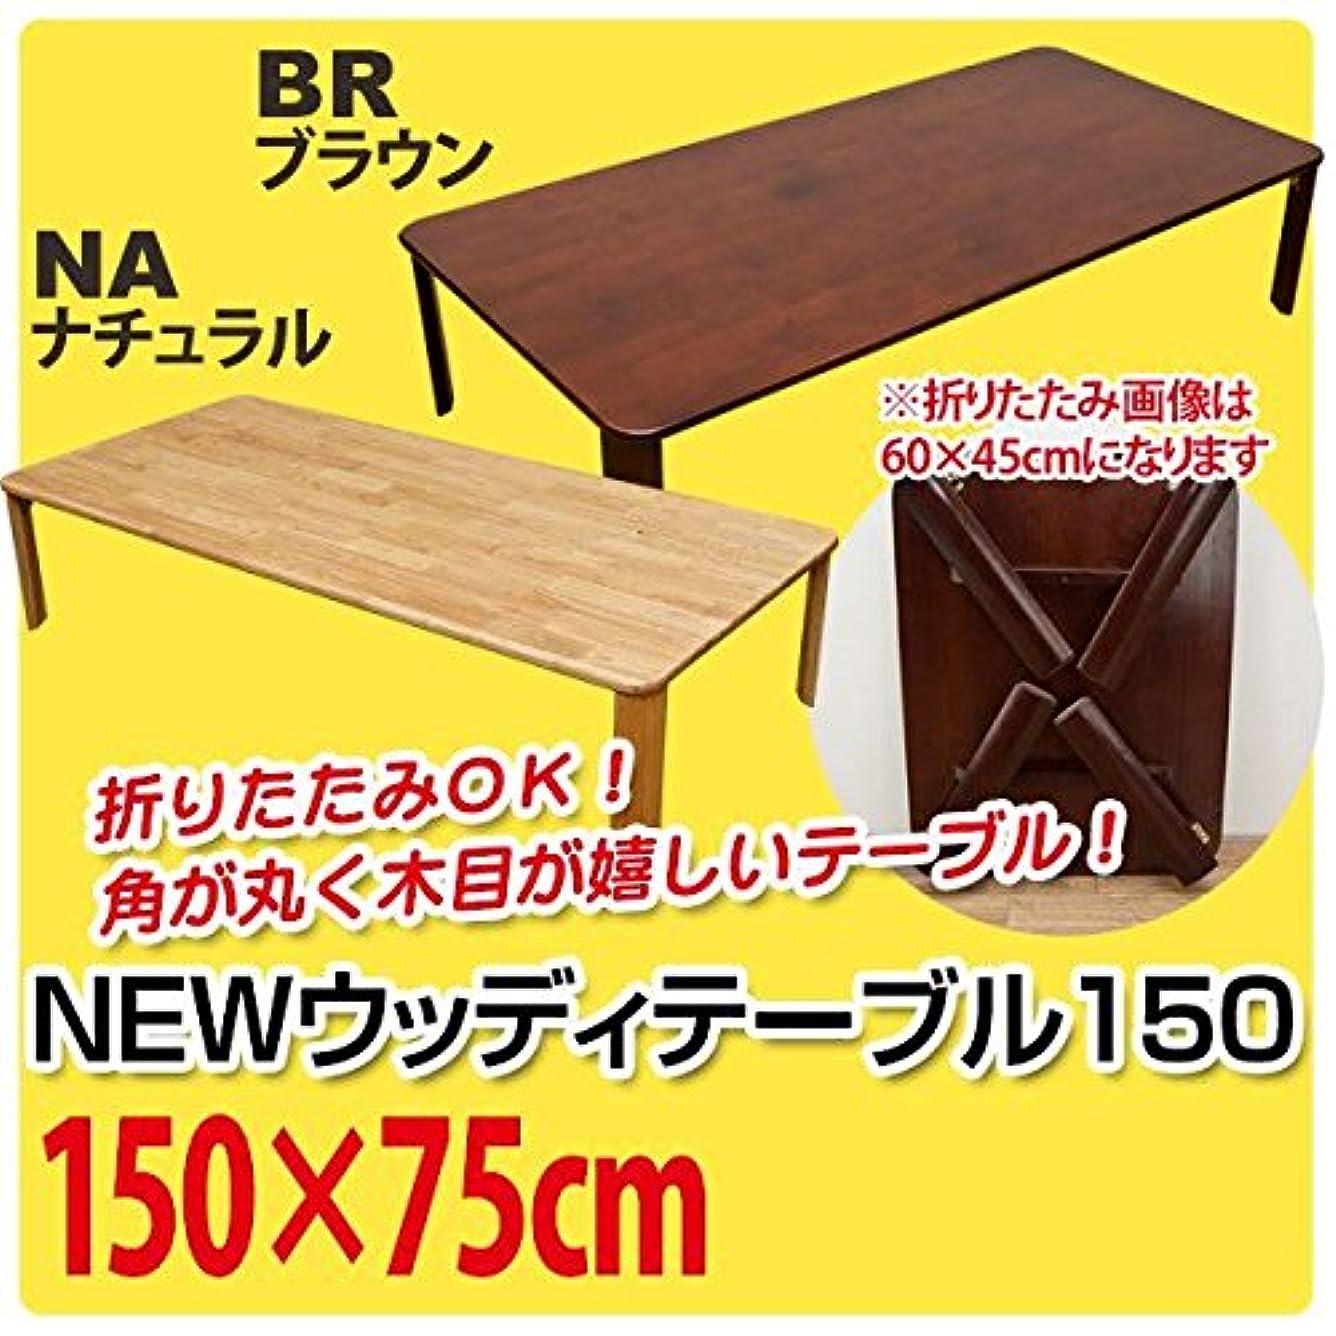 優遇スリッパ談話WZ-1500NA(4.6)NEWウッディーテーブル 150 ナチュラル